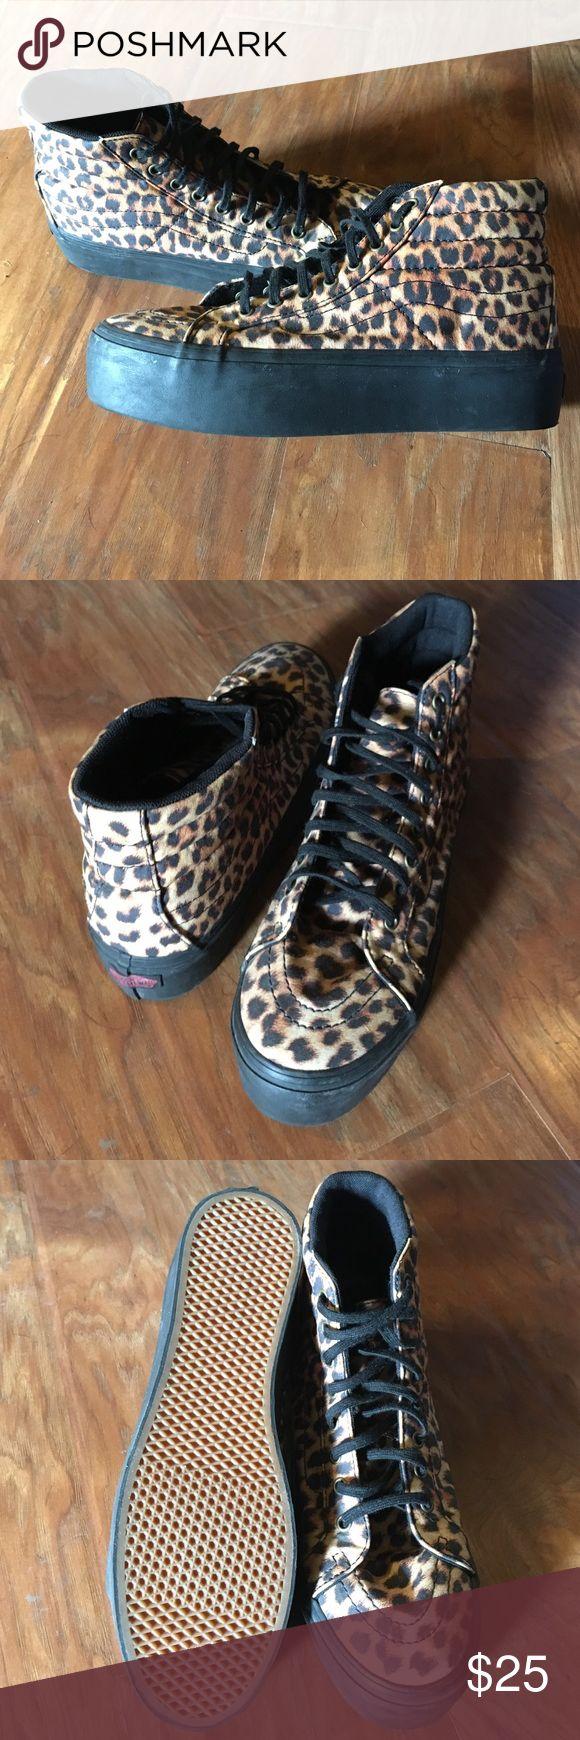 vans leopard print baby shoes